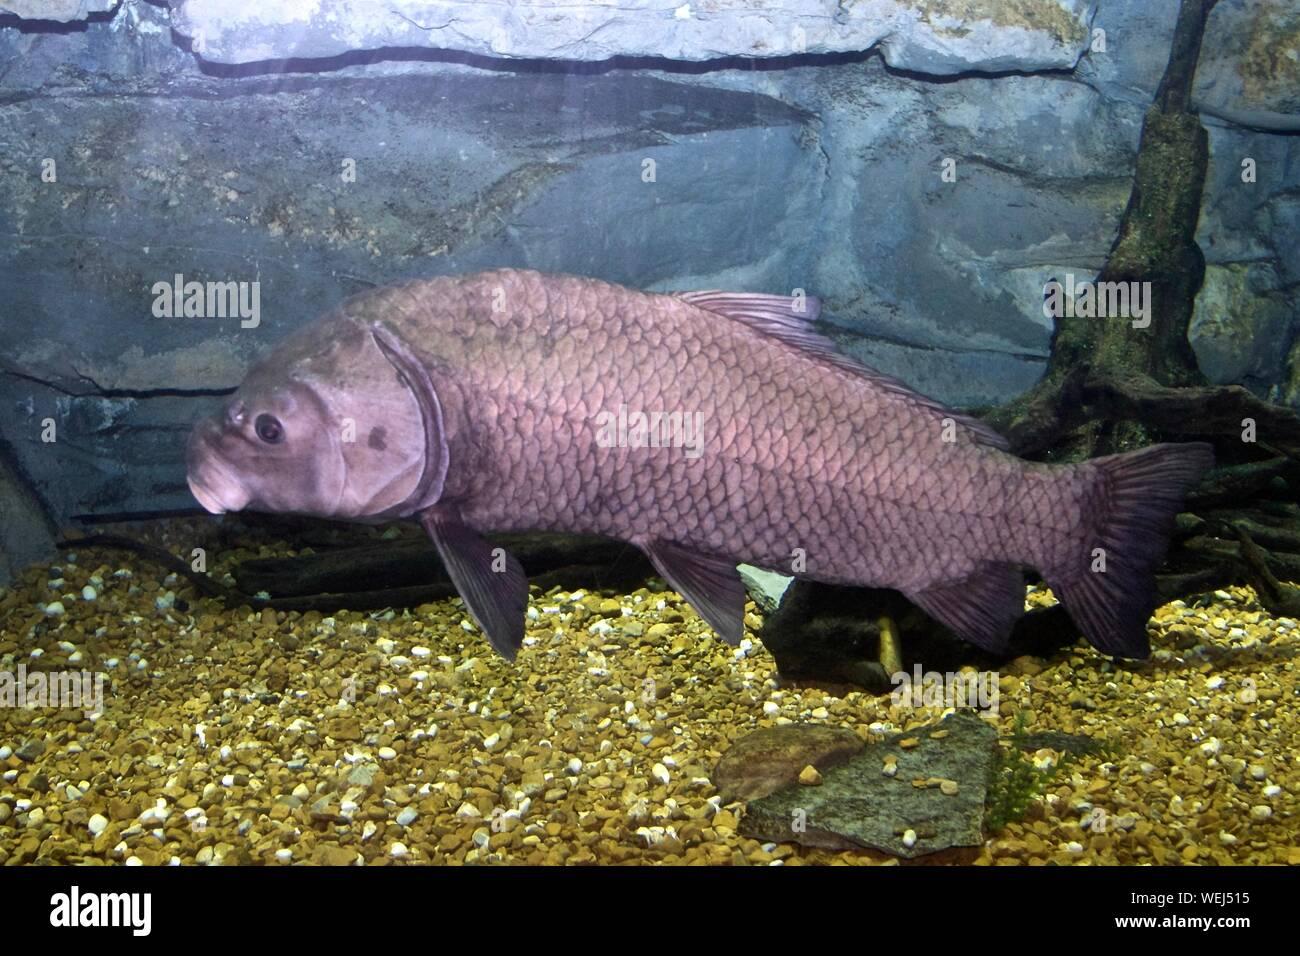 Close-up Of Fish In Aquarium Stock Photo